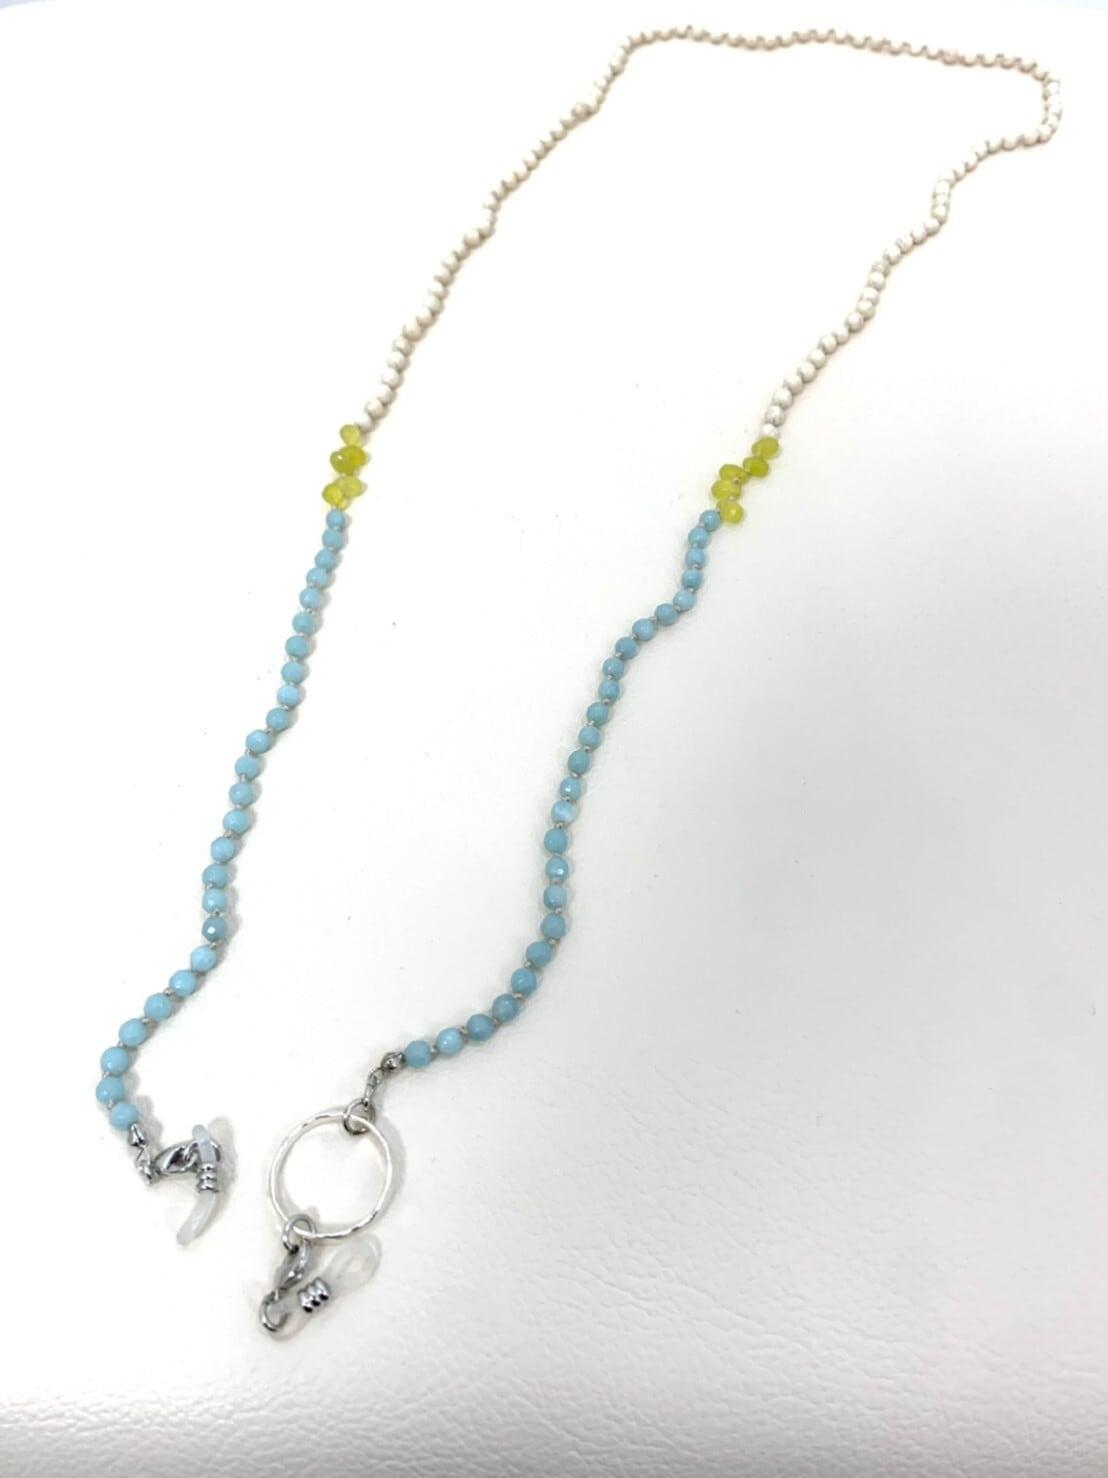 【 Atelier Mallet】天然石オールノットグラスコード4mm/IVRBLYE